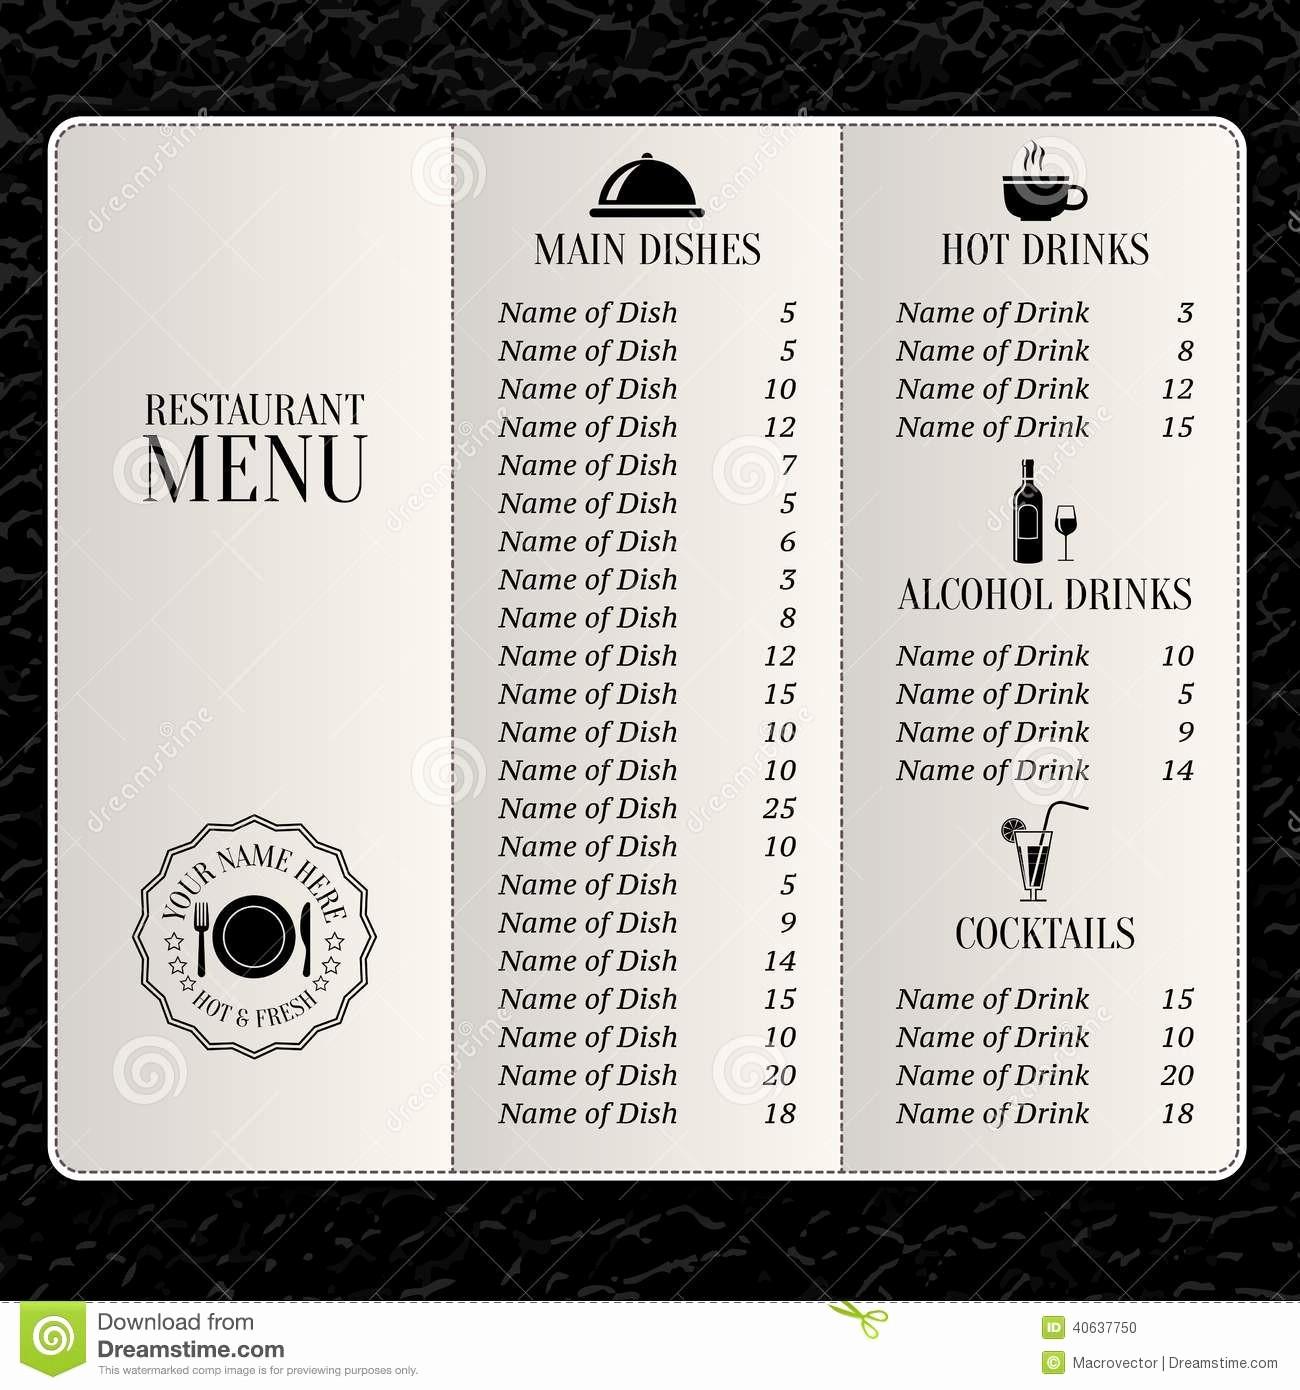 Free Printable Drink Menu Template Beautiful Restaurant Menu Template Stock Vector Image